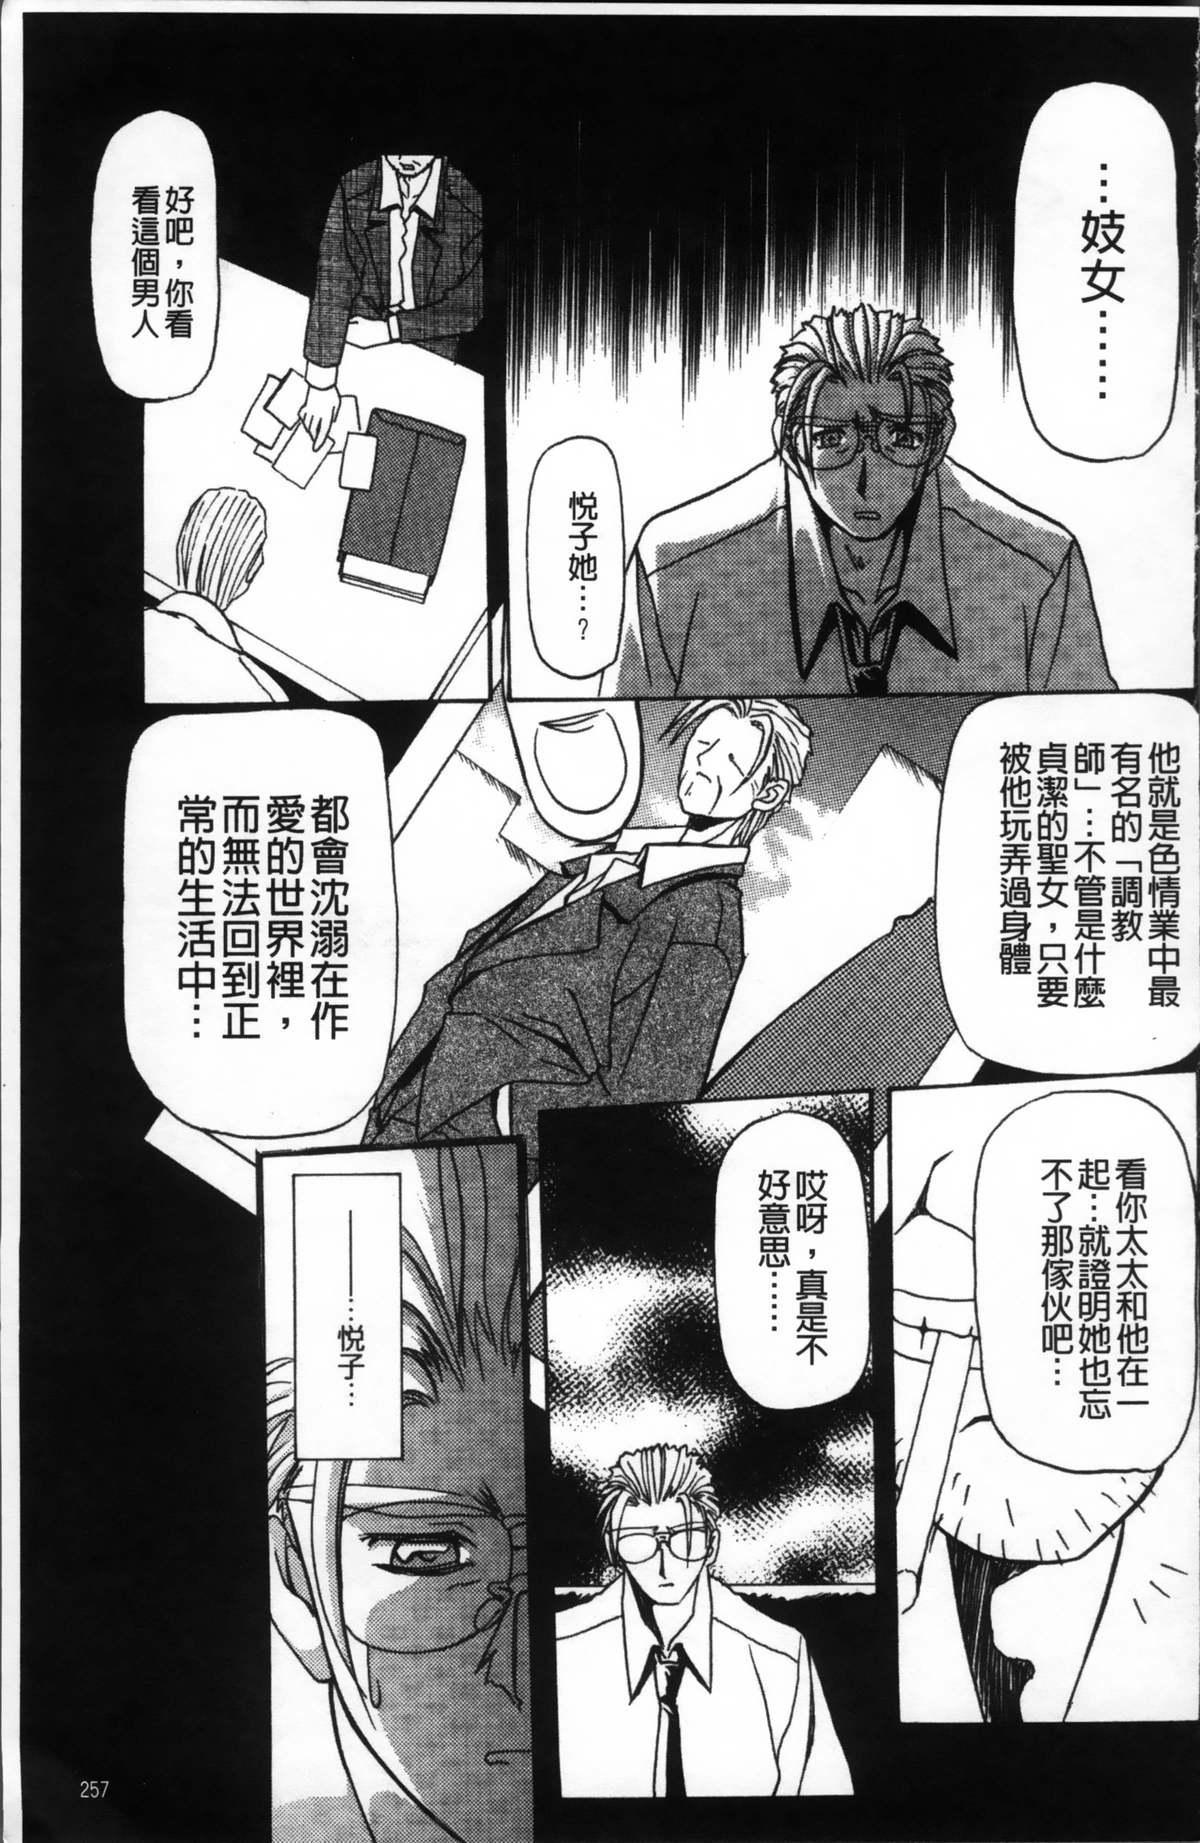 Hiiro no Koku Kanzenban   緋色之刻 完全版 260